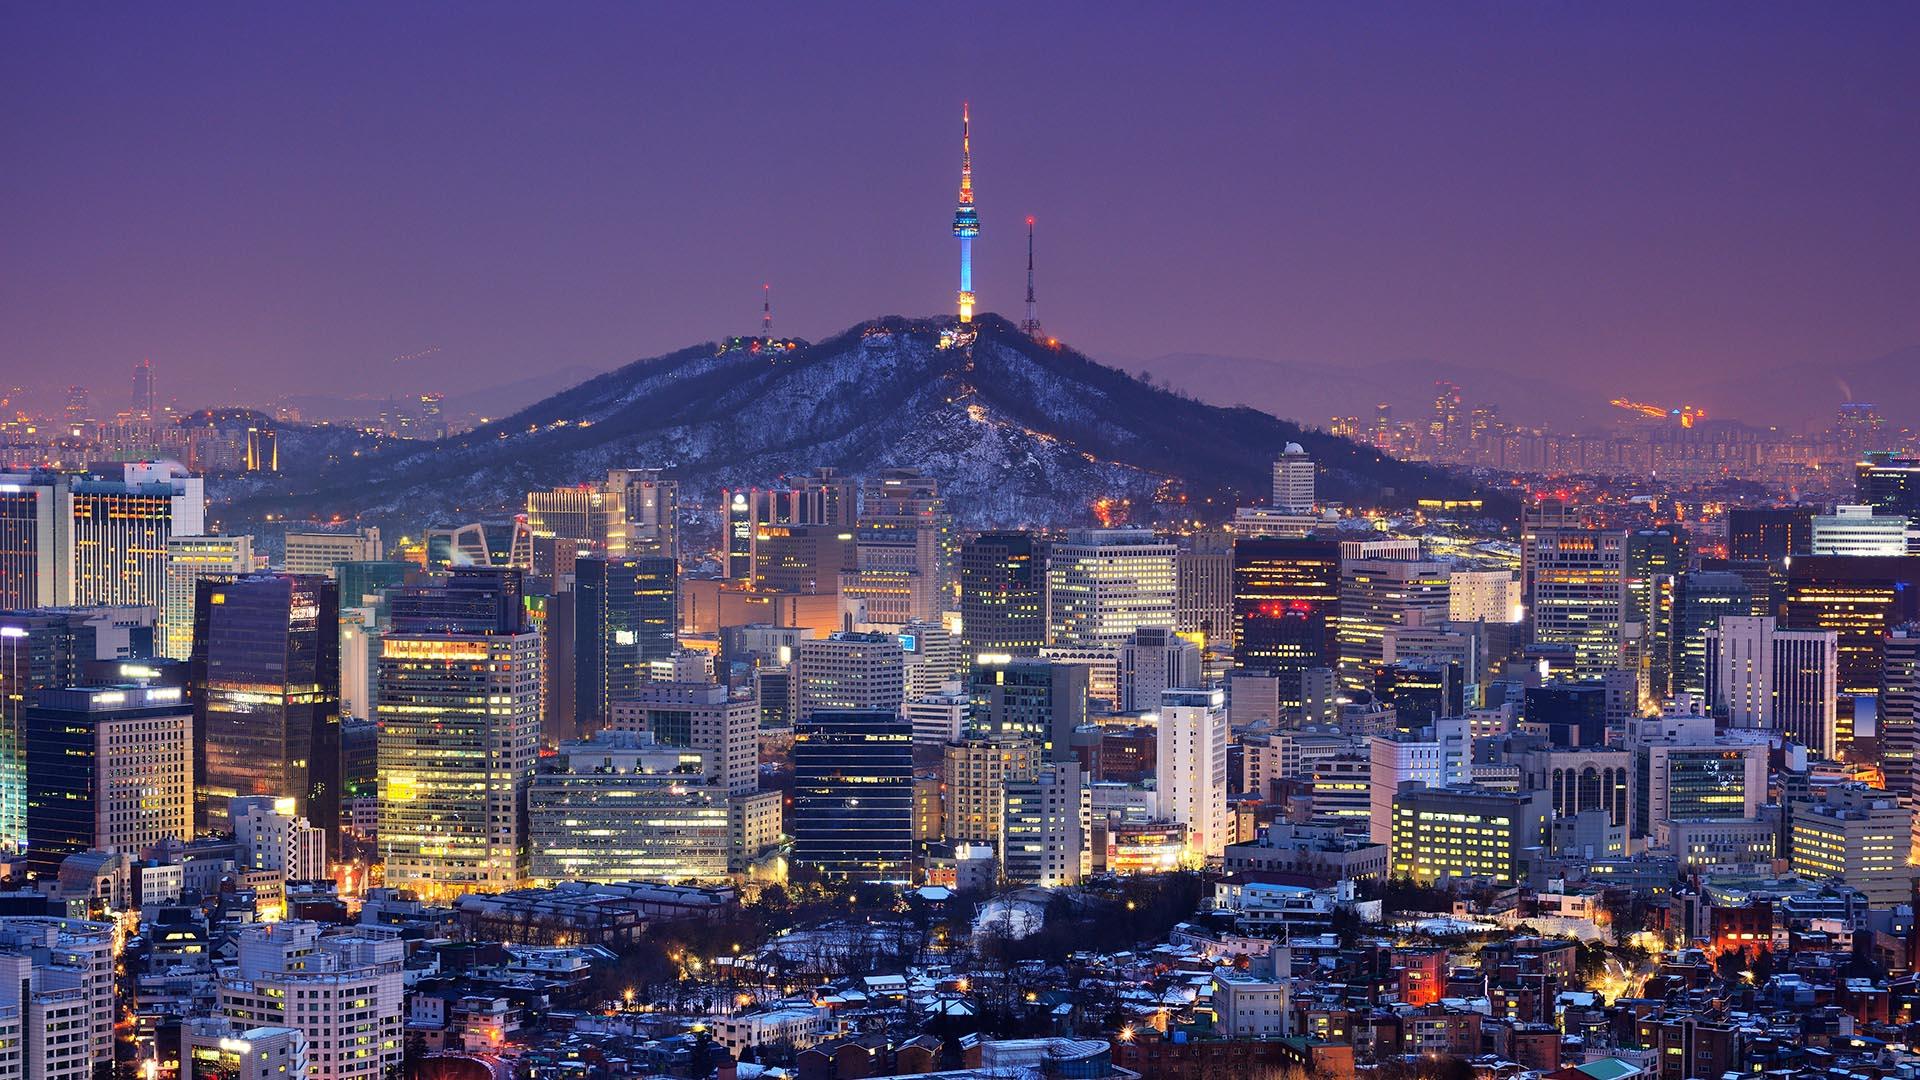 Flüge: Südkorea [Bis Mai 2022] Hin- und Rückflug von Straßburg nach Seoul ab 356 € mit Lufthansa